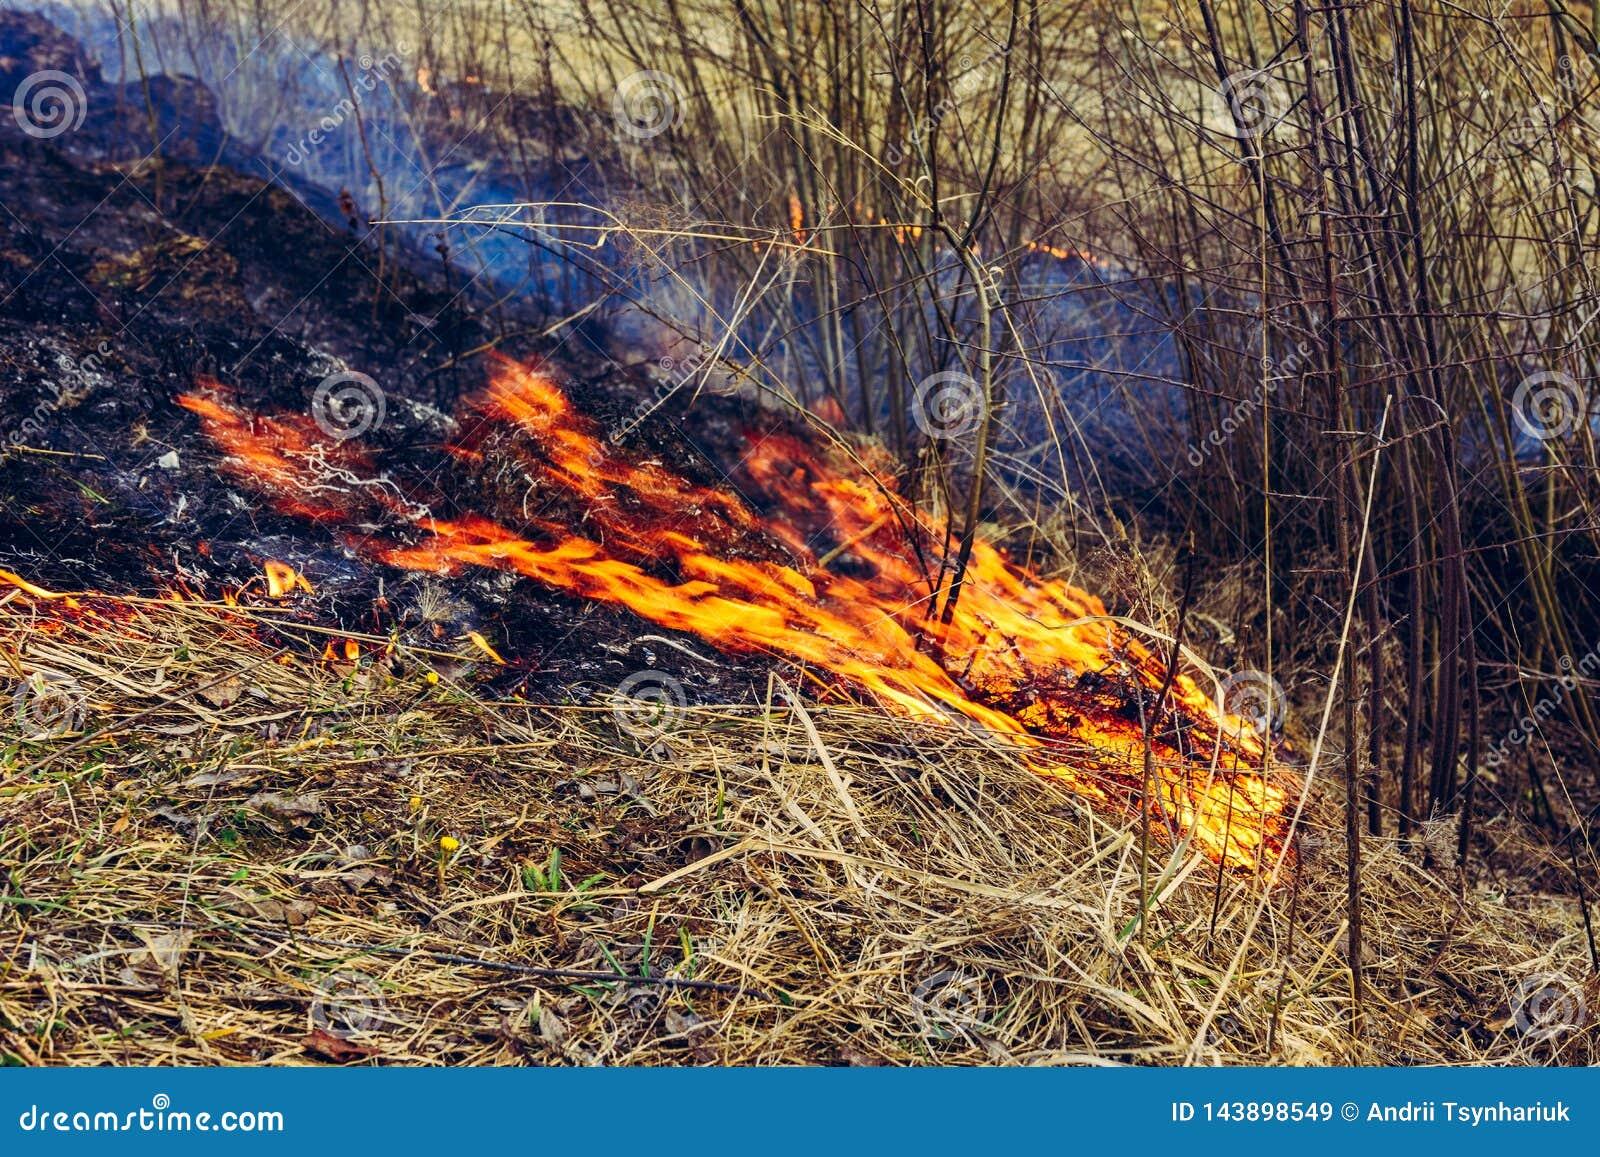 Stupat torrt gräs är farligt till liven av små djur och kryp såväl som skada till mänsklig hälsa